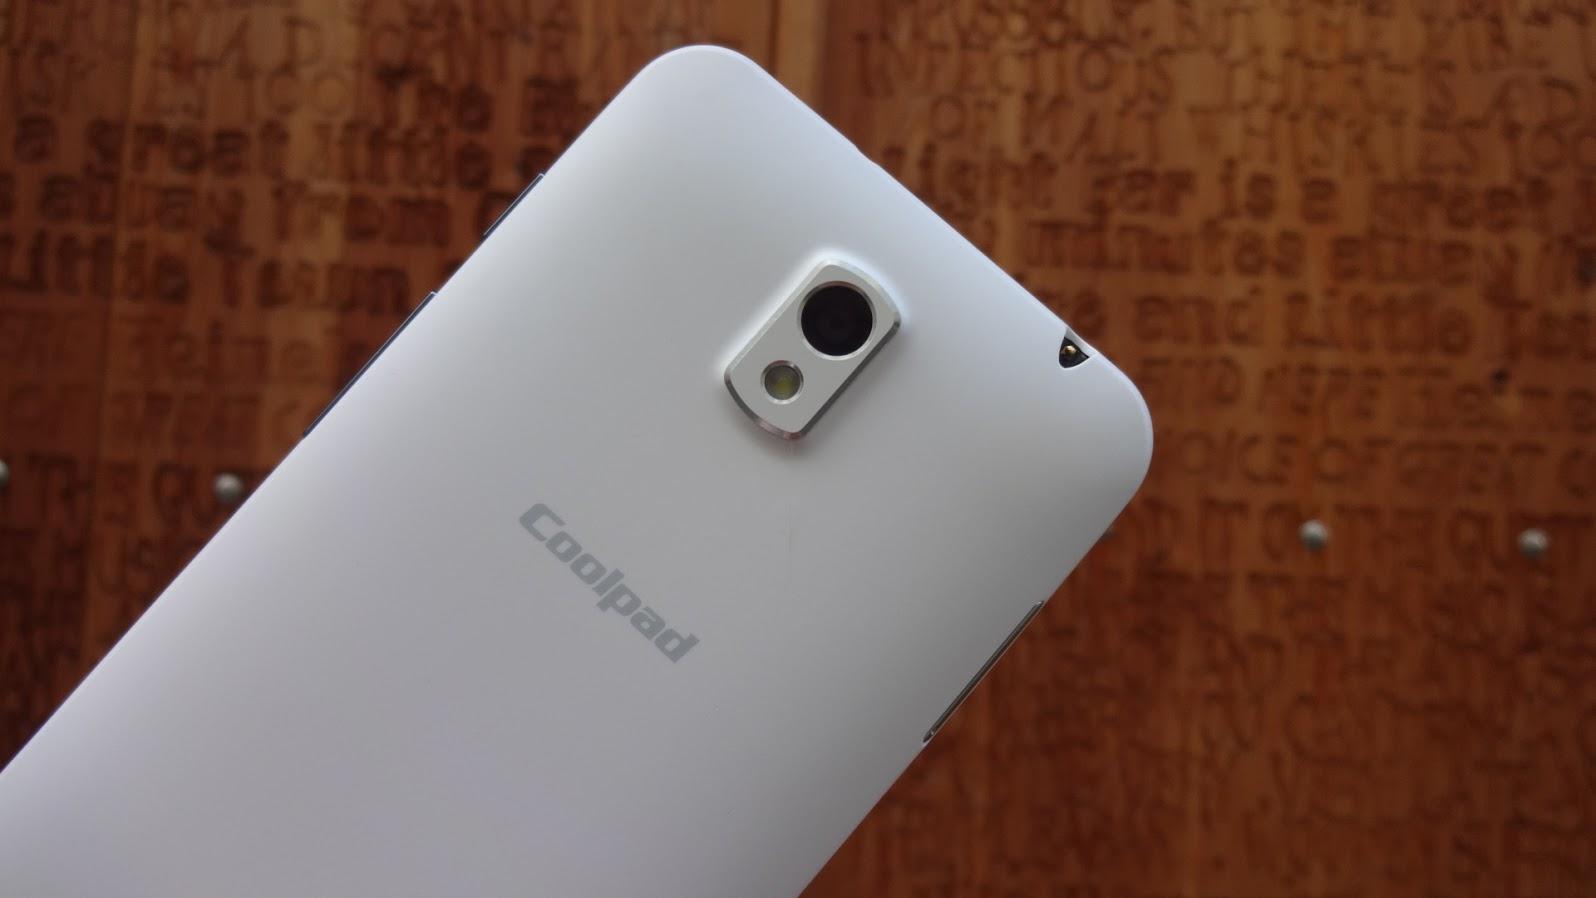 Widziałem smartfon Coolpada, którego nie mogę pokazać, ale powiem jedno: oni potrafią robić telefony